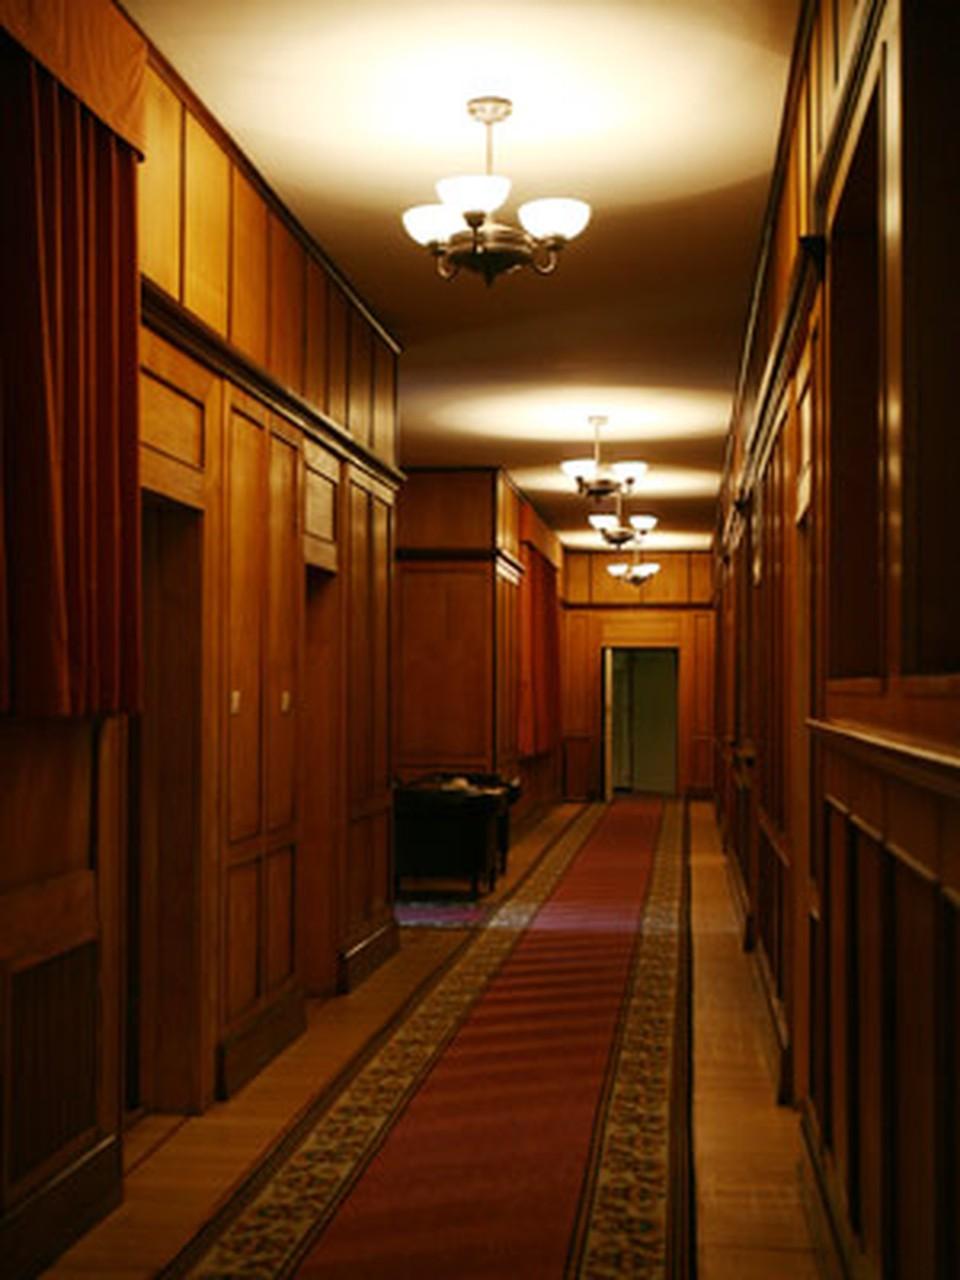 Длинный коридор к хозяйским покоям